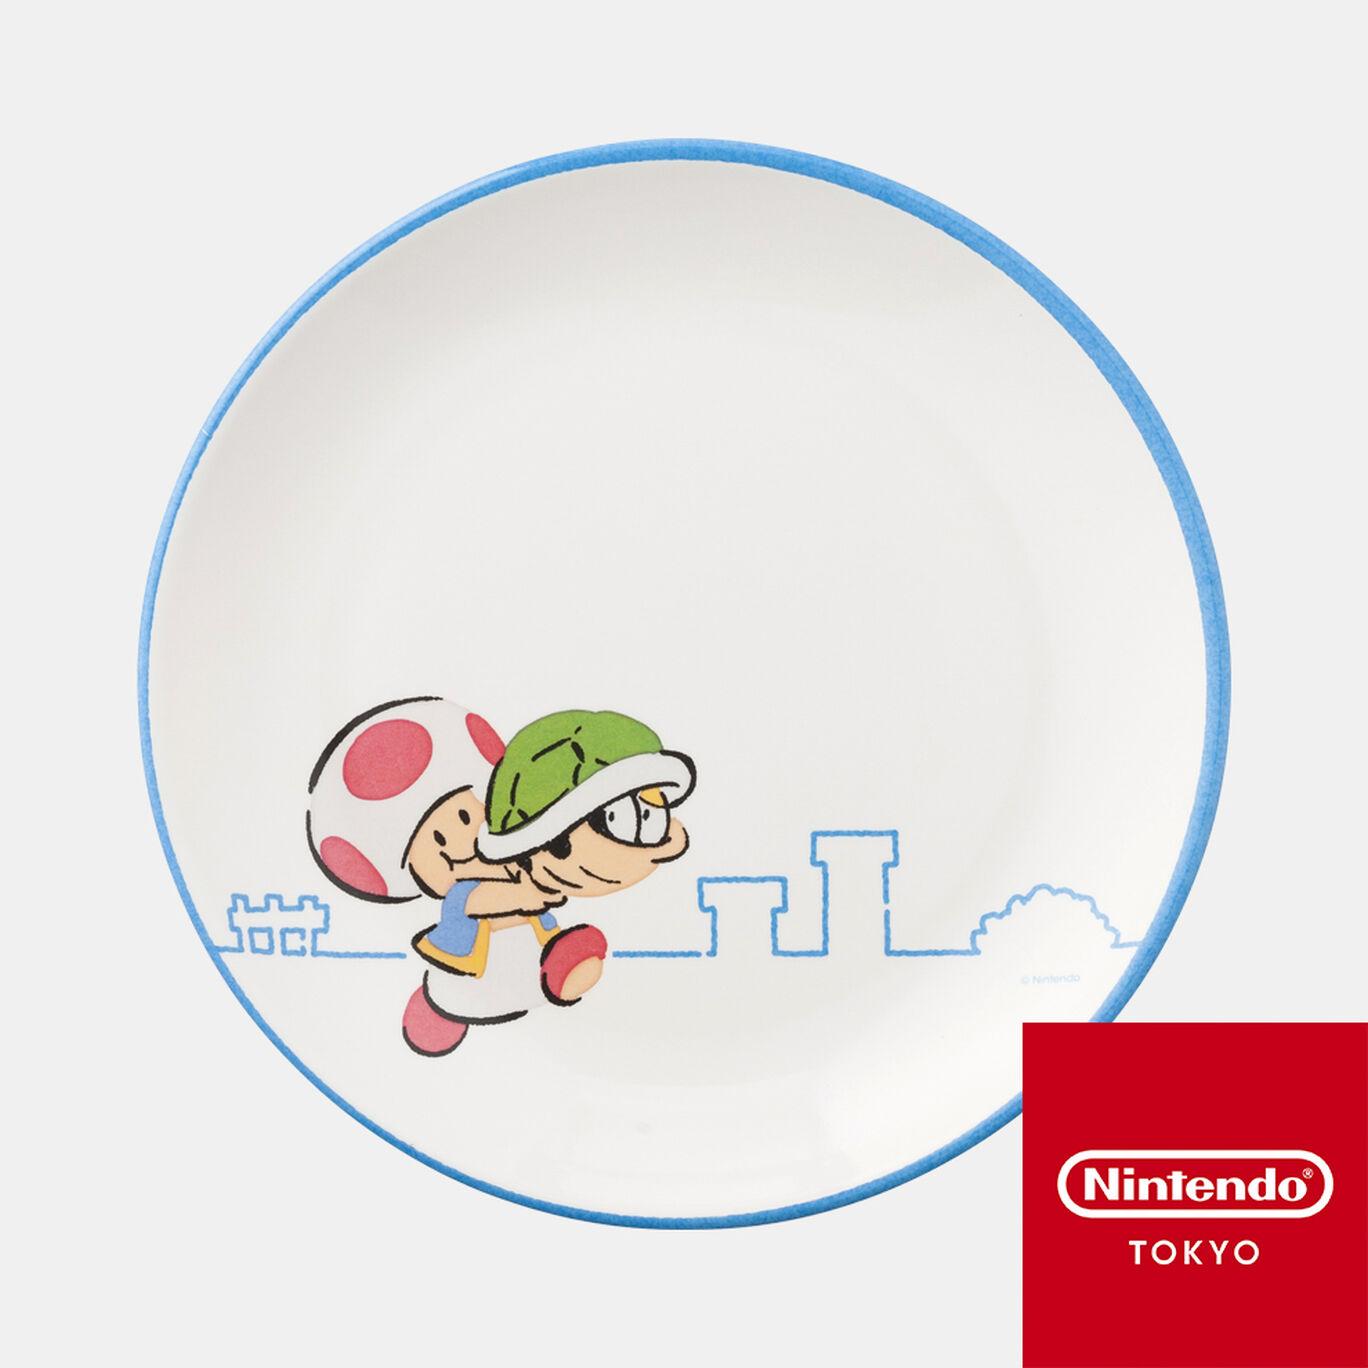 メラミンプレート スーパーマリオファミリーライフ キノピオ【Nintendo TOKYO取り扱い商品】